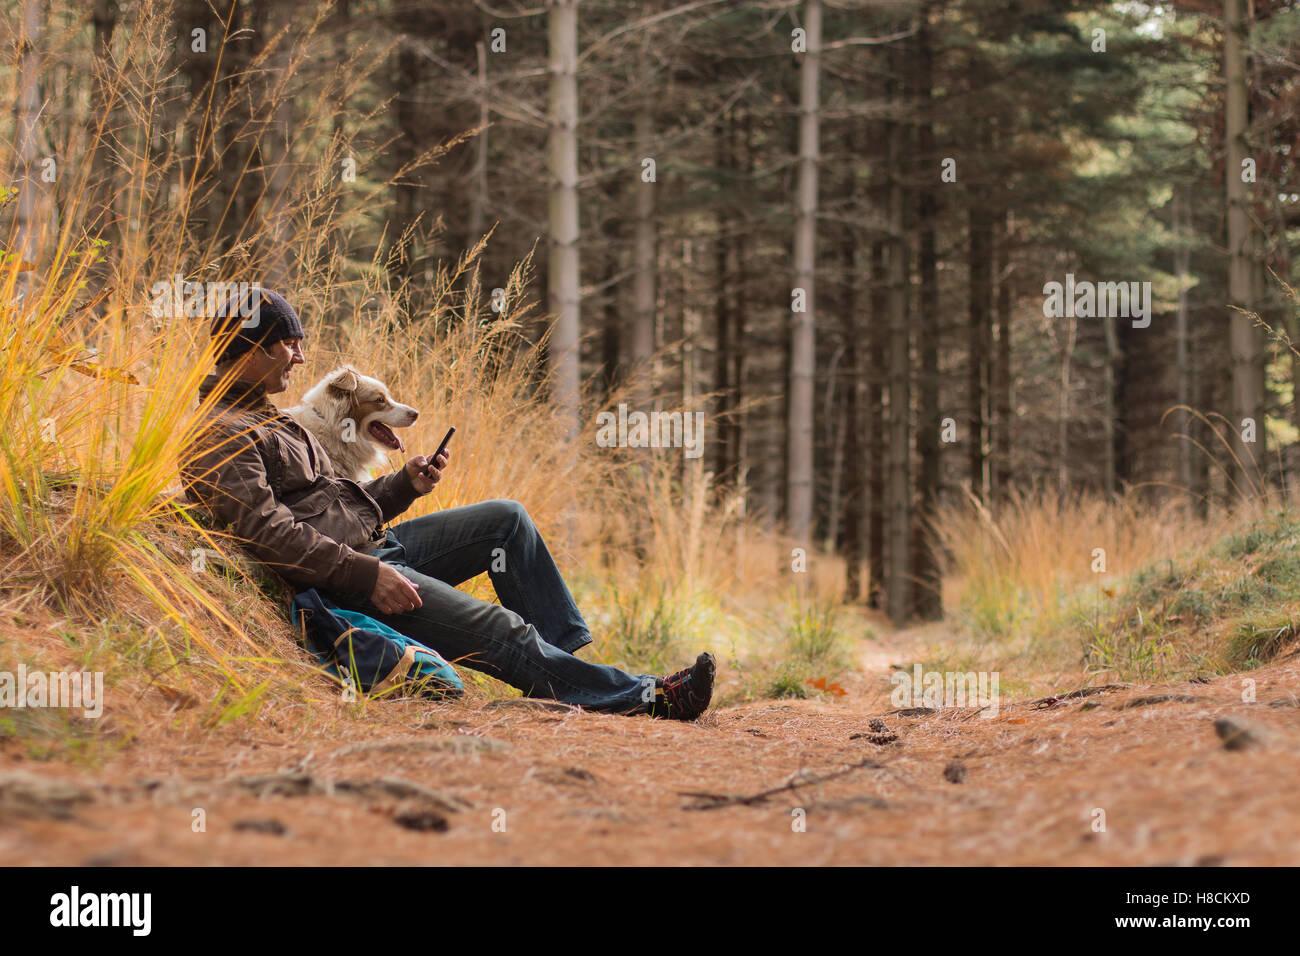 Un homme et un chien en randonnée dans les bois à la recherche de téléphone à l'chiens assis sur un sentier forestier à l'automne Banque D'Images